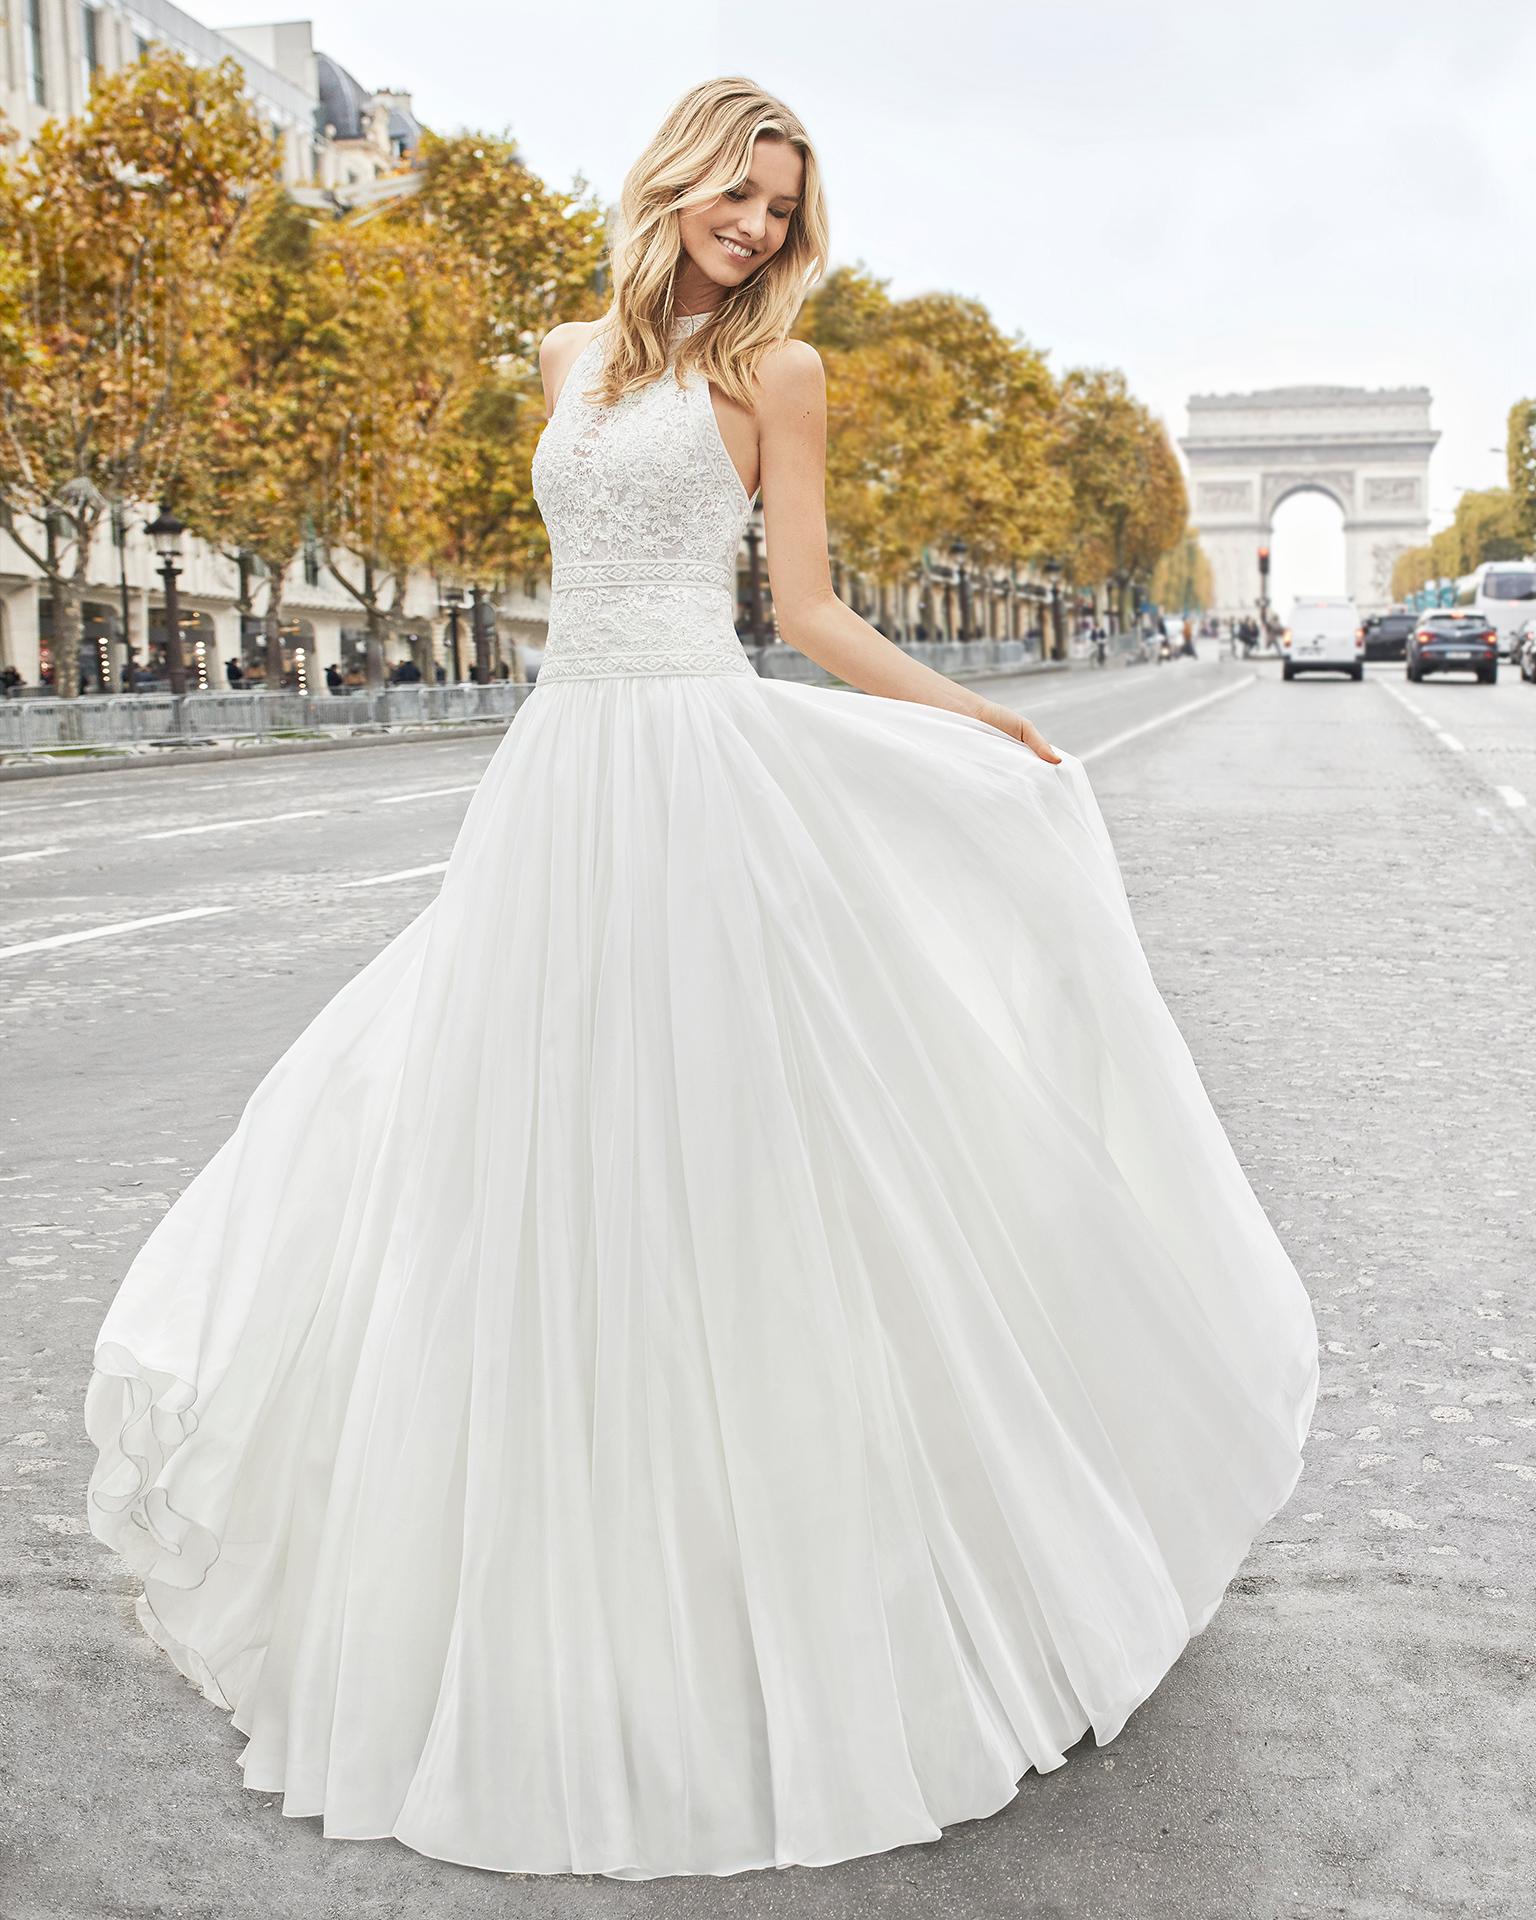 Robe de mariée style trapèze en voile, dentelle et pierreries. Col halter et dos nu. Disponible en couleur naturelle. Collection AIRE BARCELONA 2019.